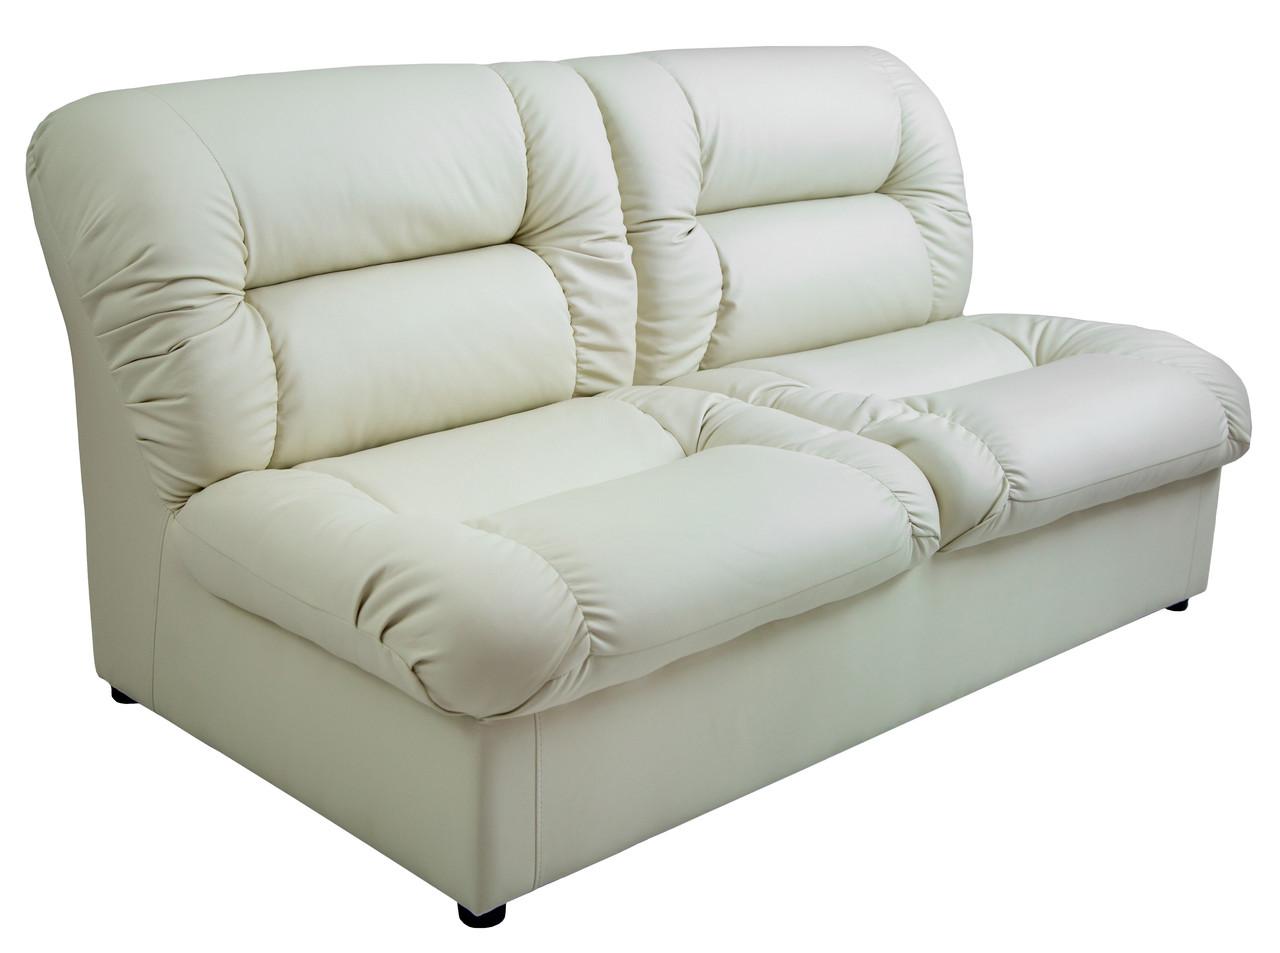 Офисный диван Визит 2 места 2200